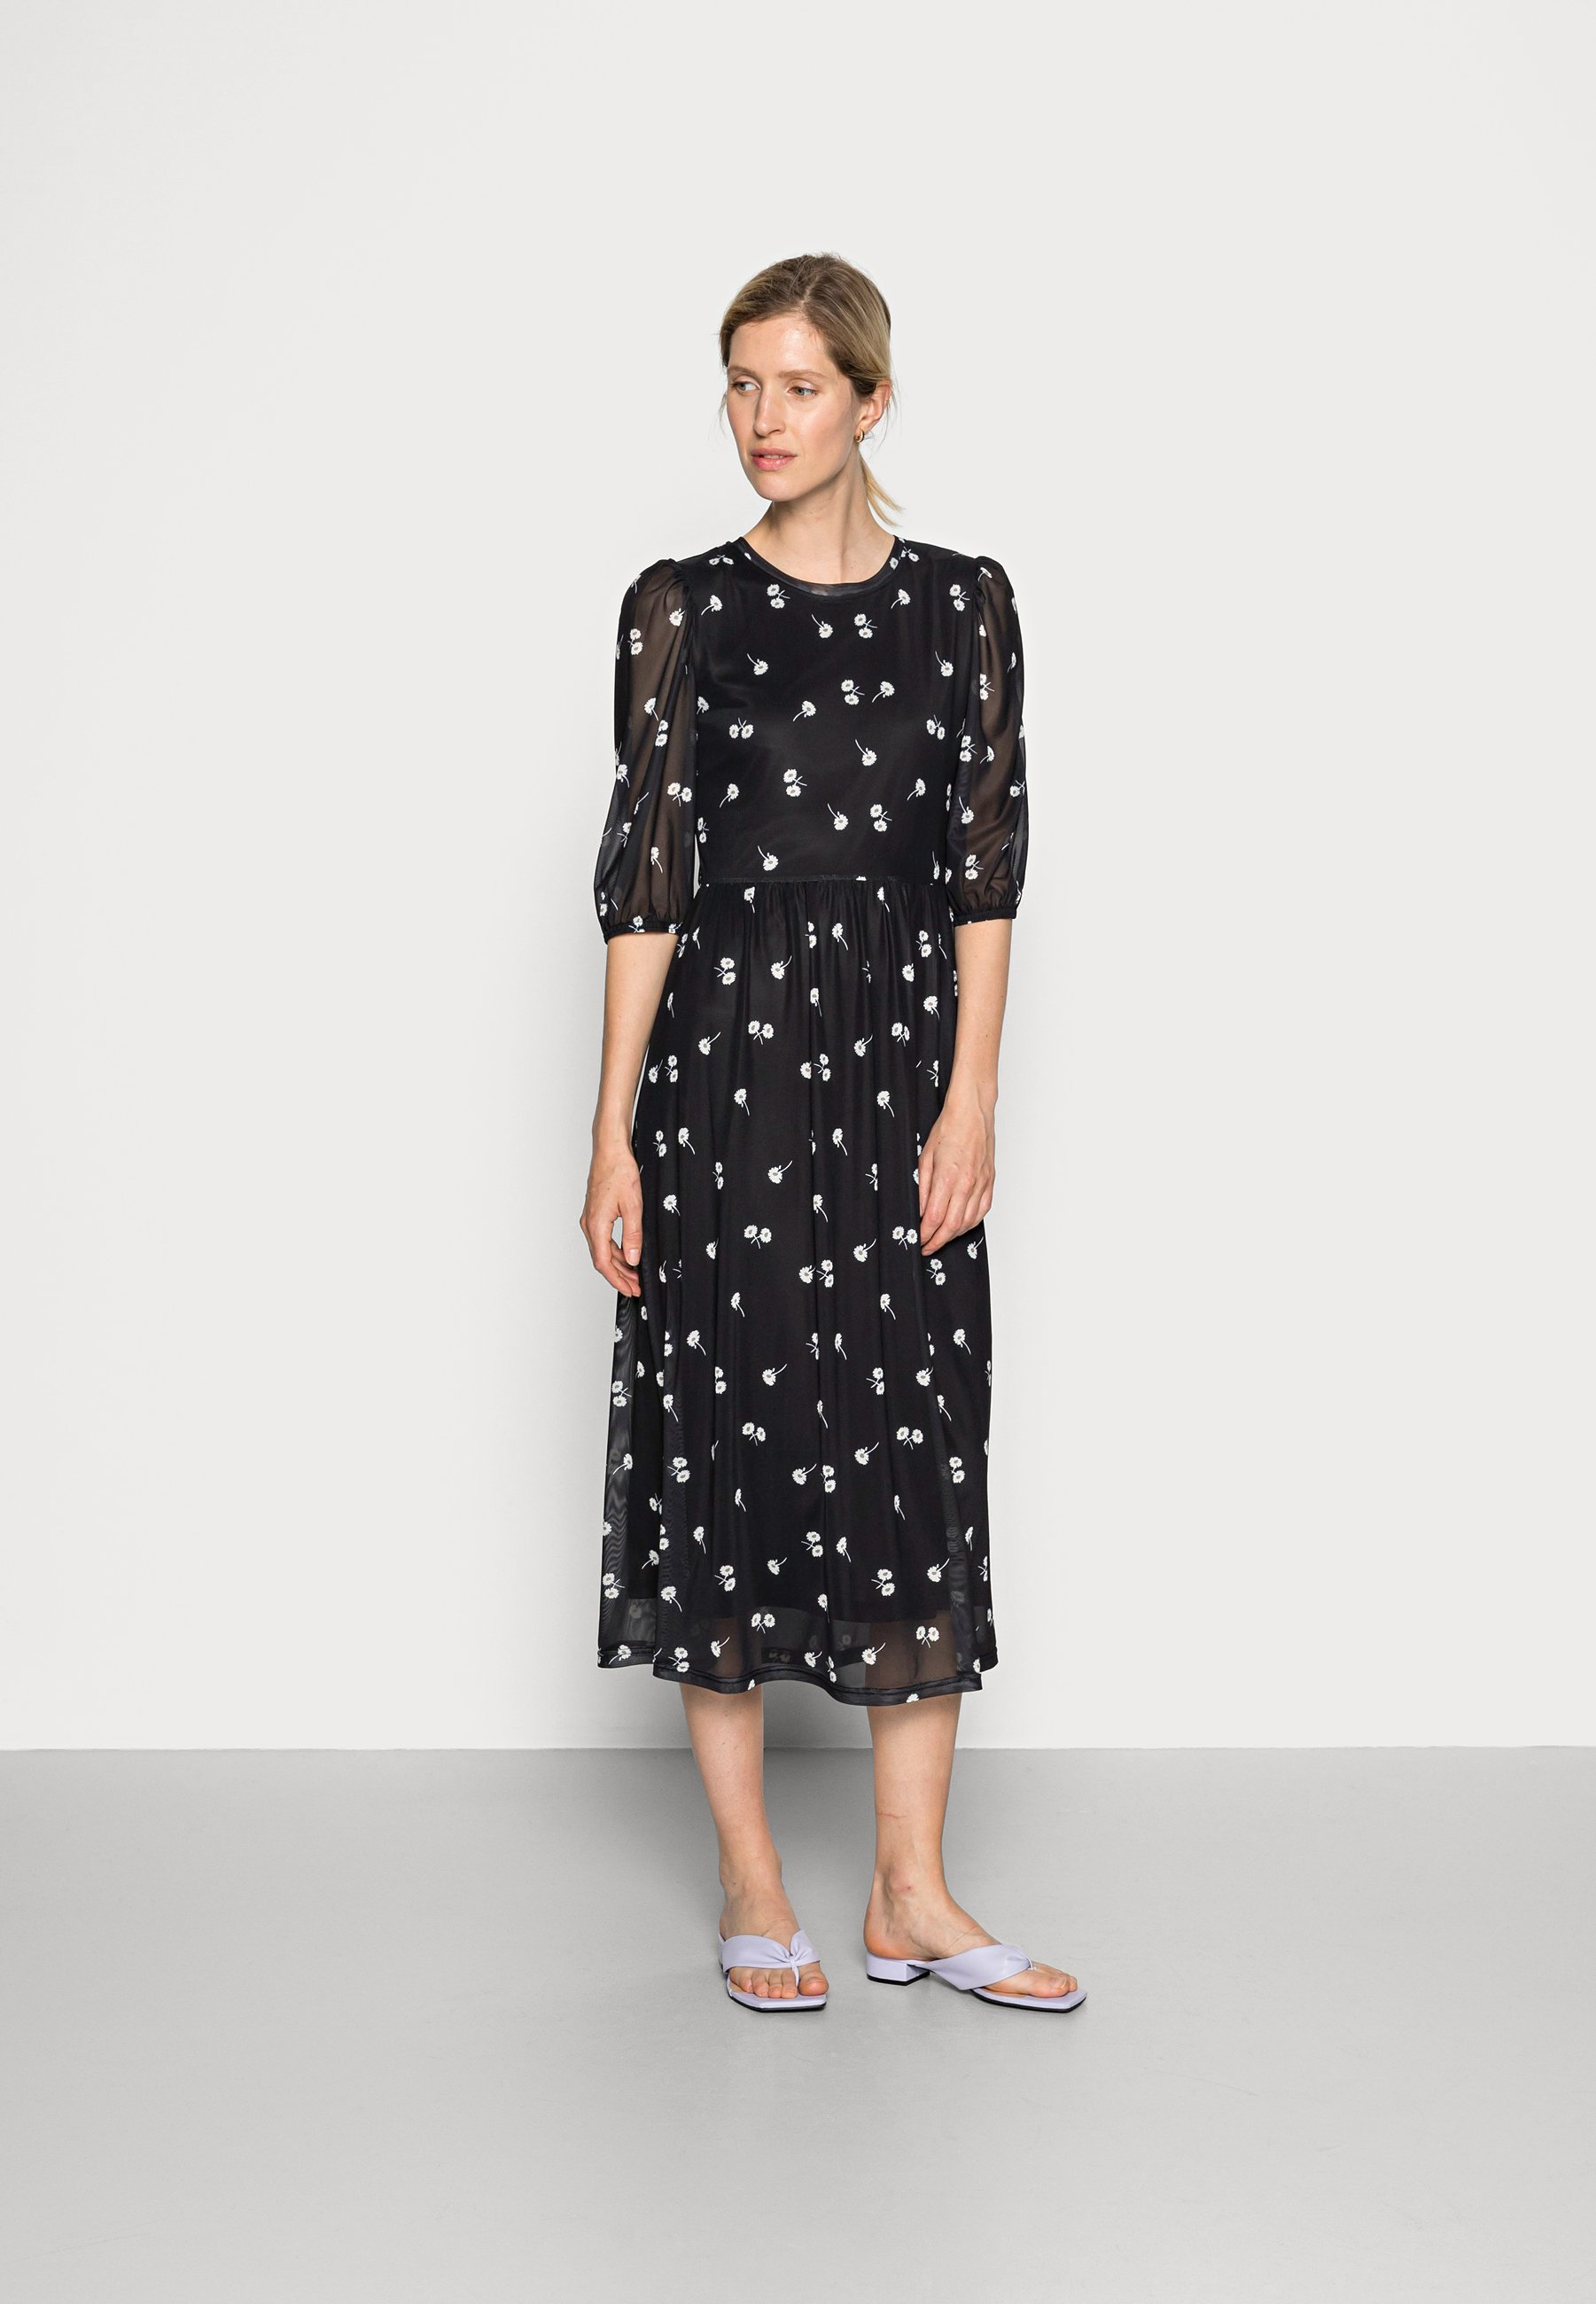 Damen MISSY PRINT DRESS - Freizeitkleid